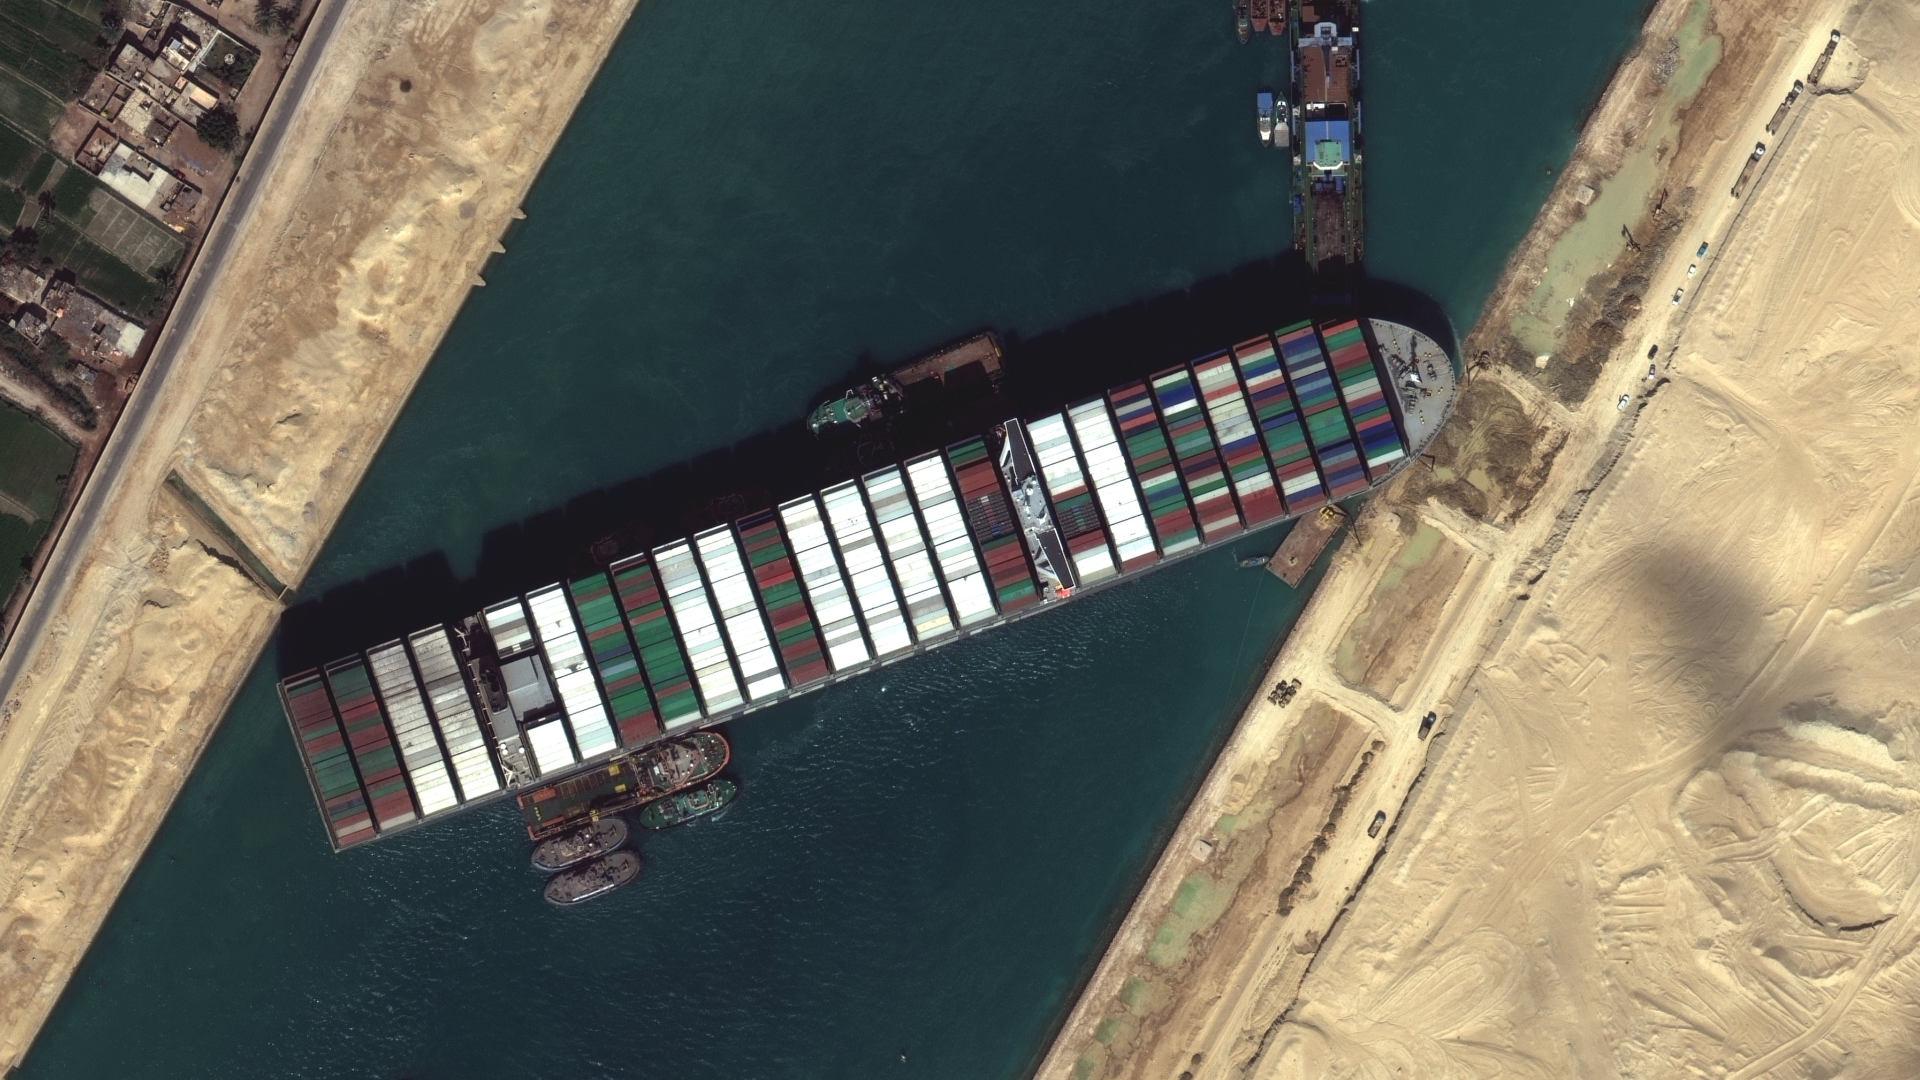 Vous pouvez vous aussi échouer un bateau dans le canal de Suez grâce à ce mini-jeu